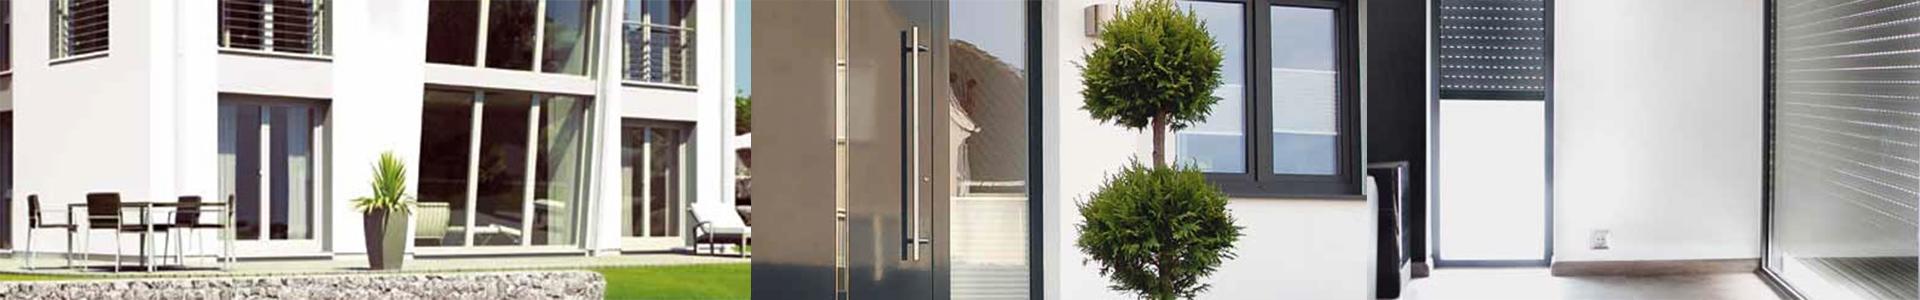 Photo fenêtre porte volet